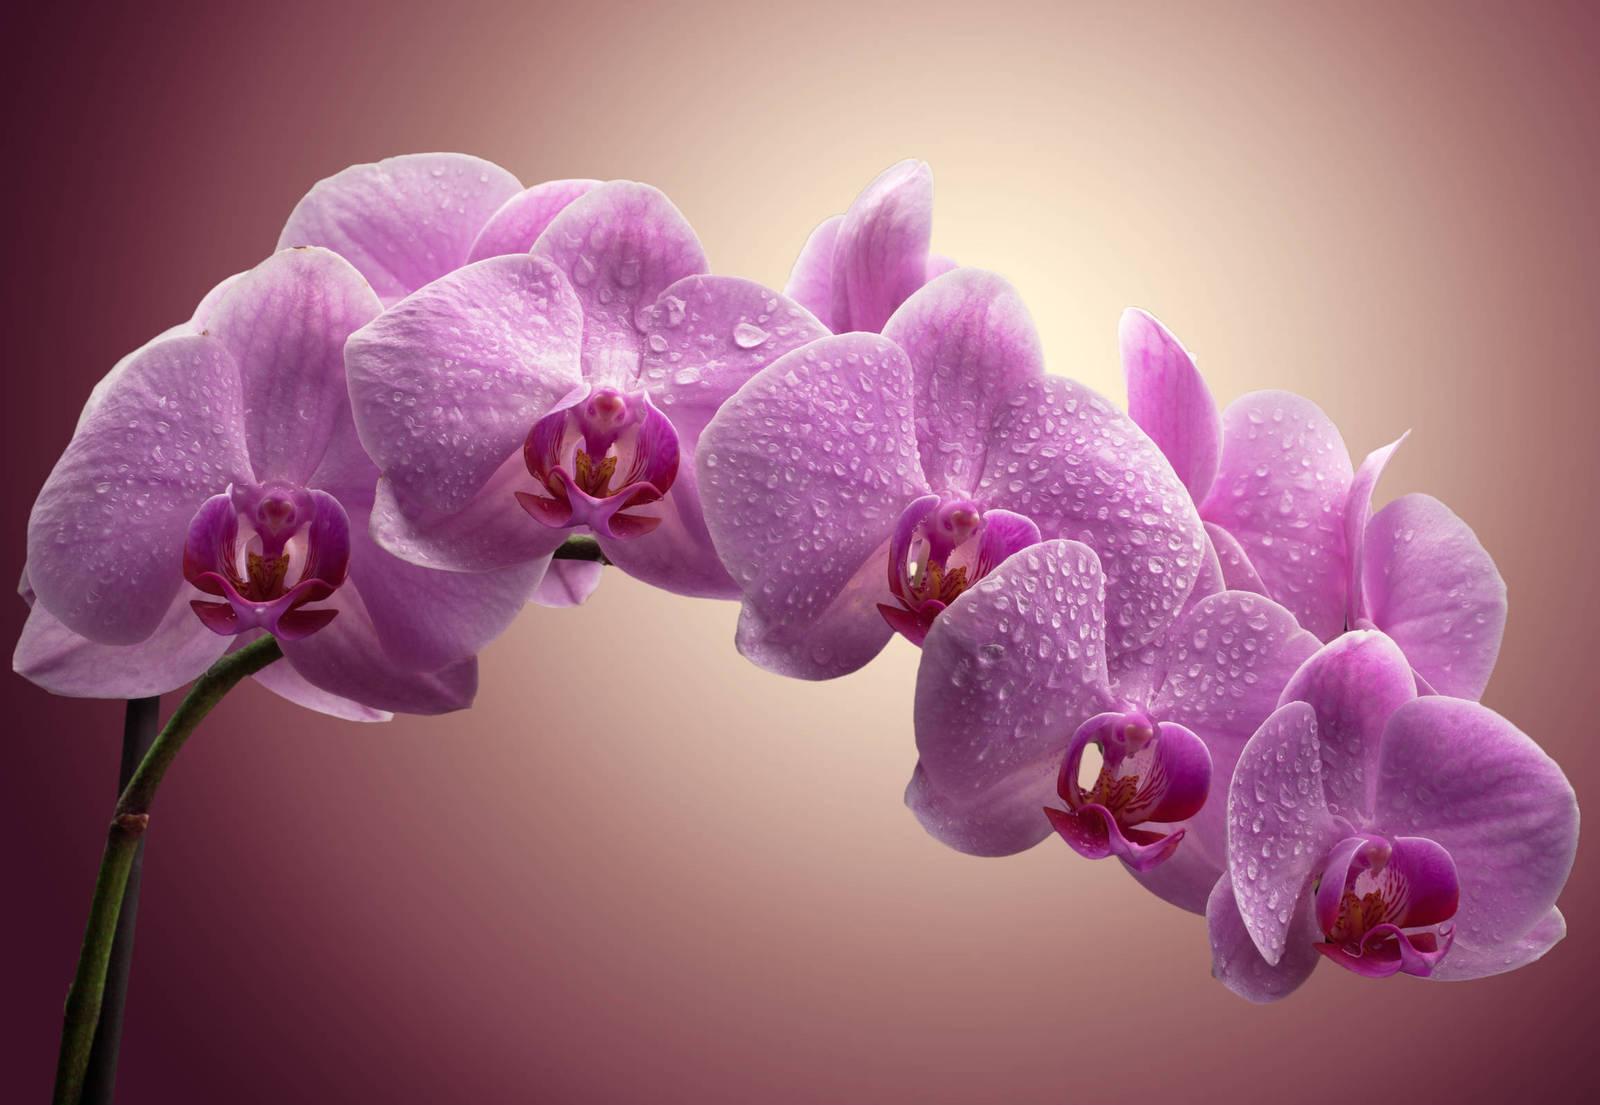 Красивые картинки орхидеи на рабочий стол